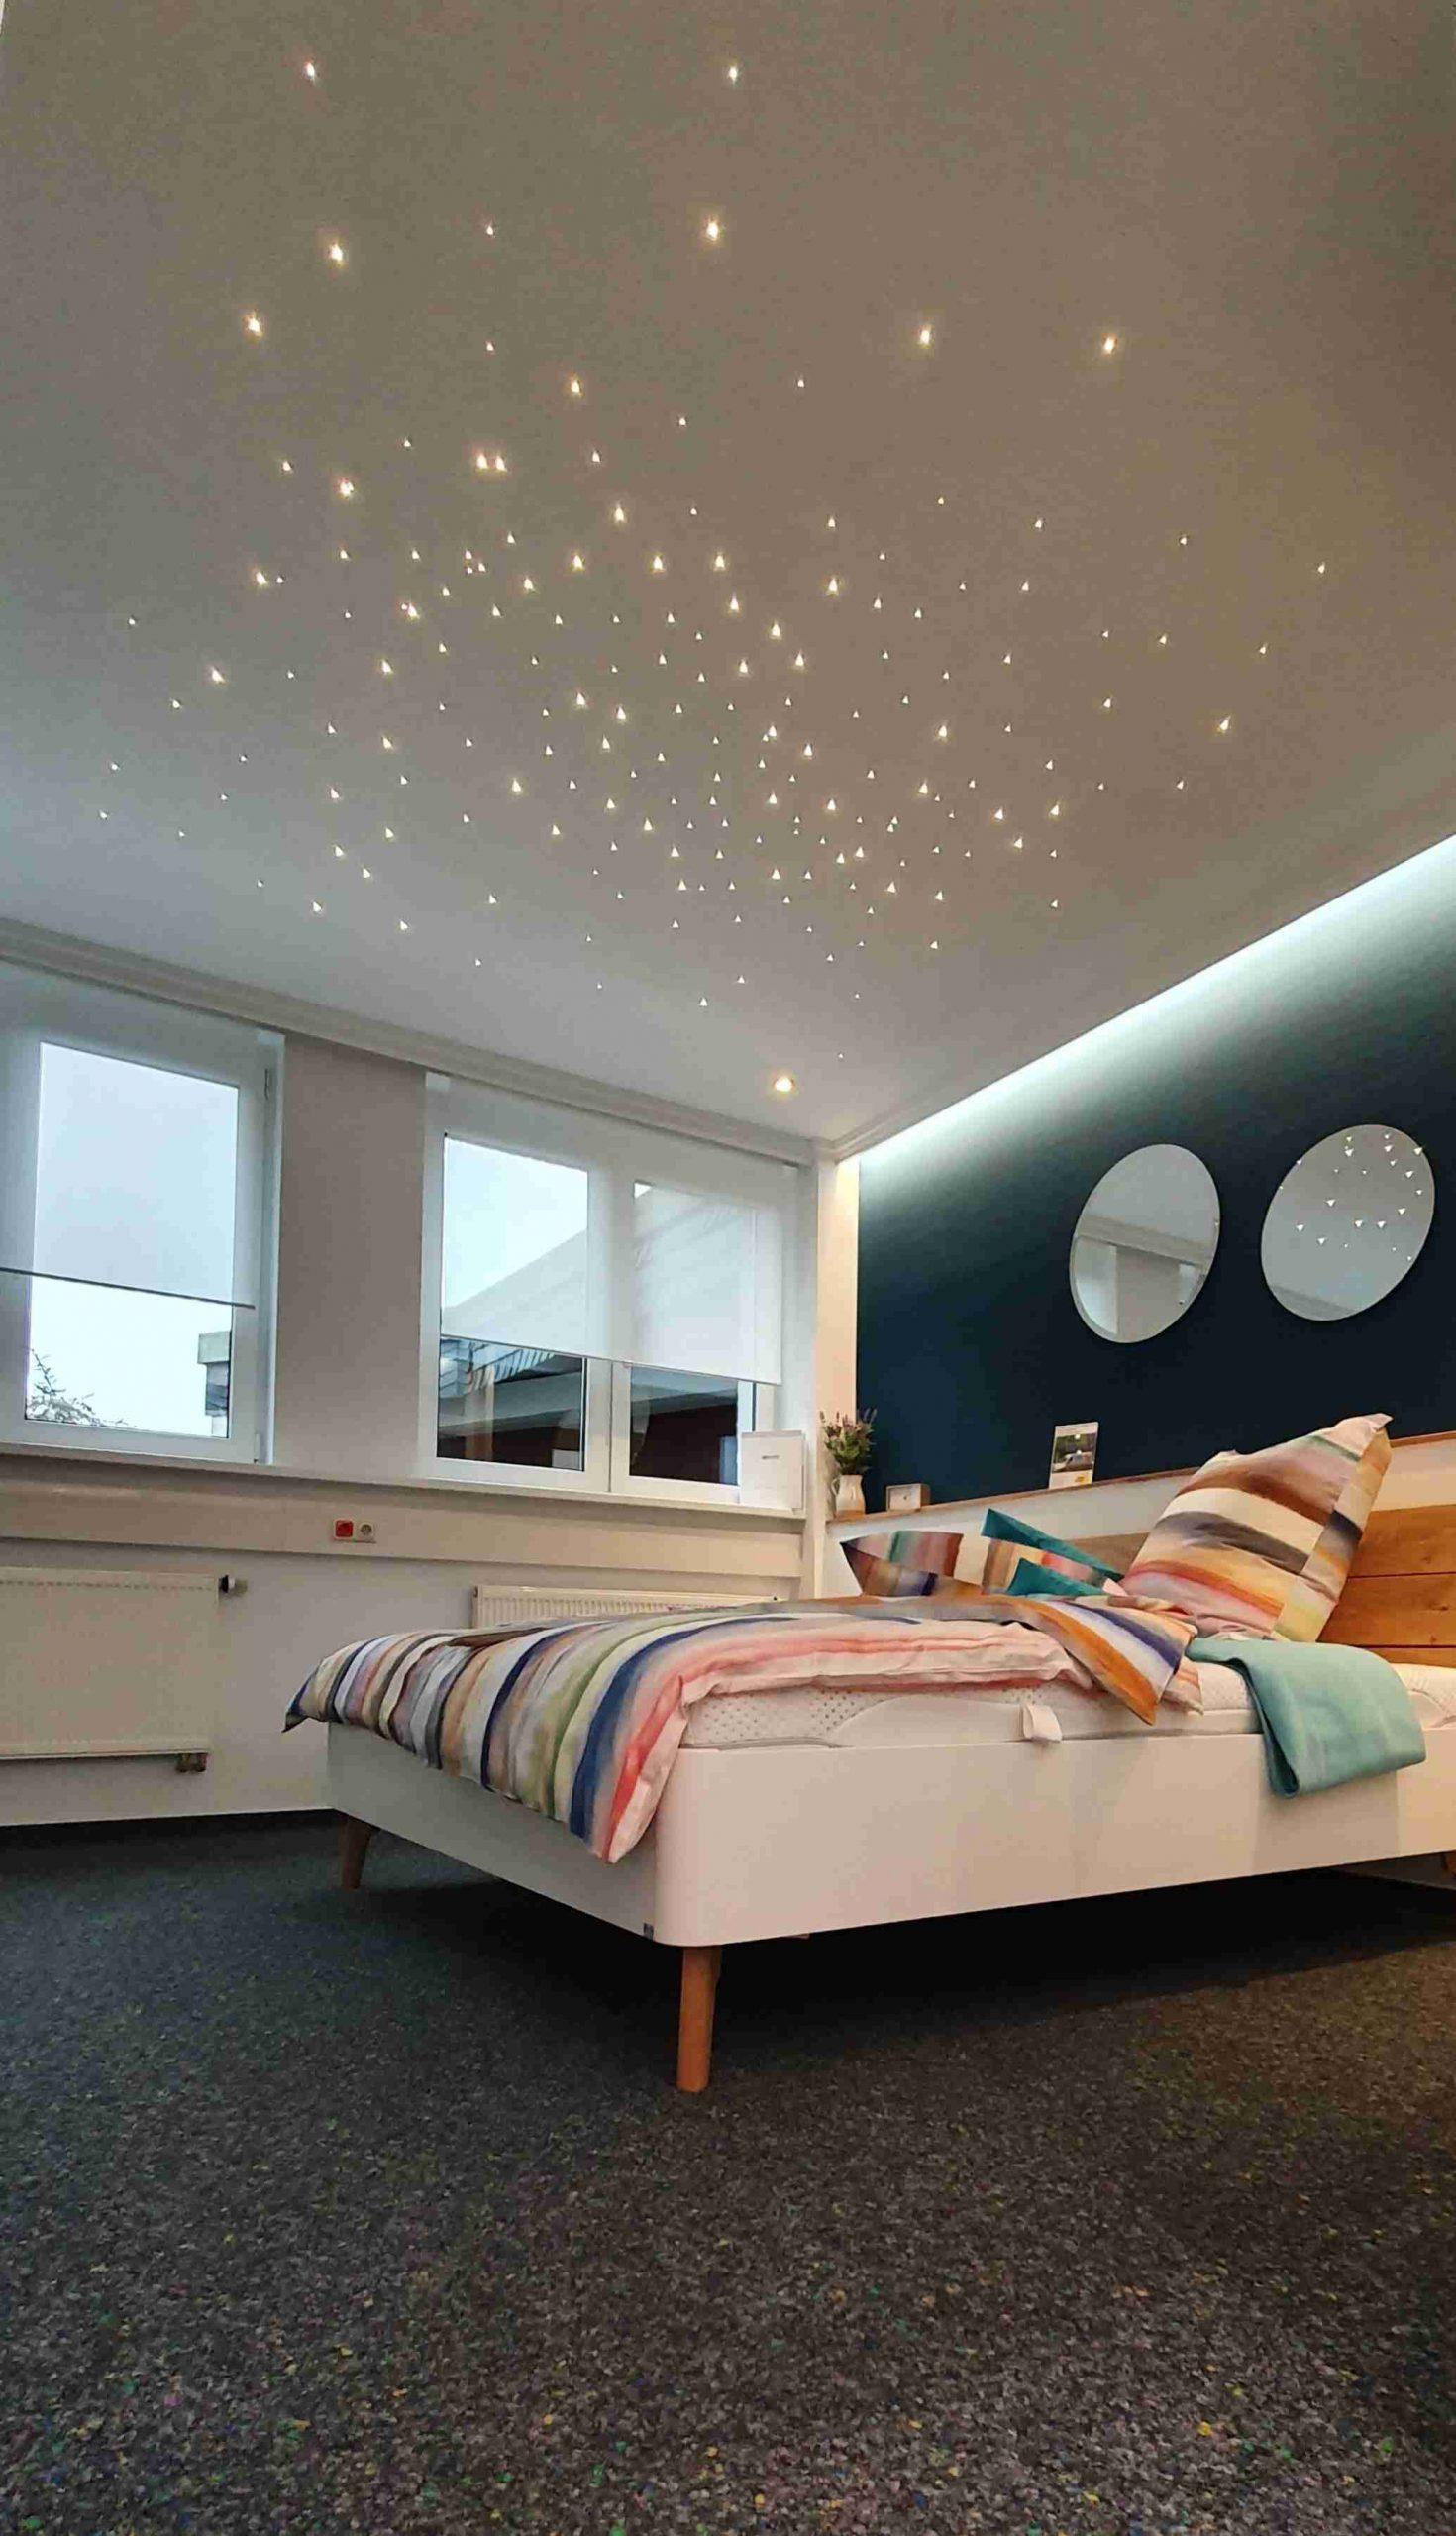 PIXLUM - LED Sternenhimmel - Lichtdesign - Lichtdekoration